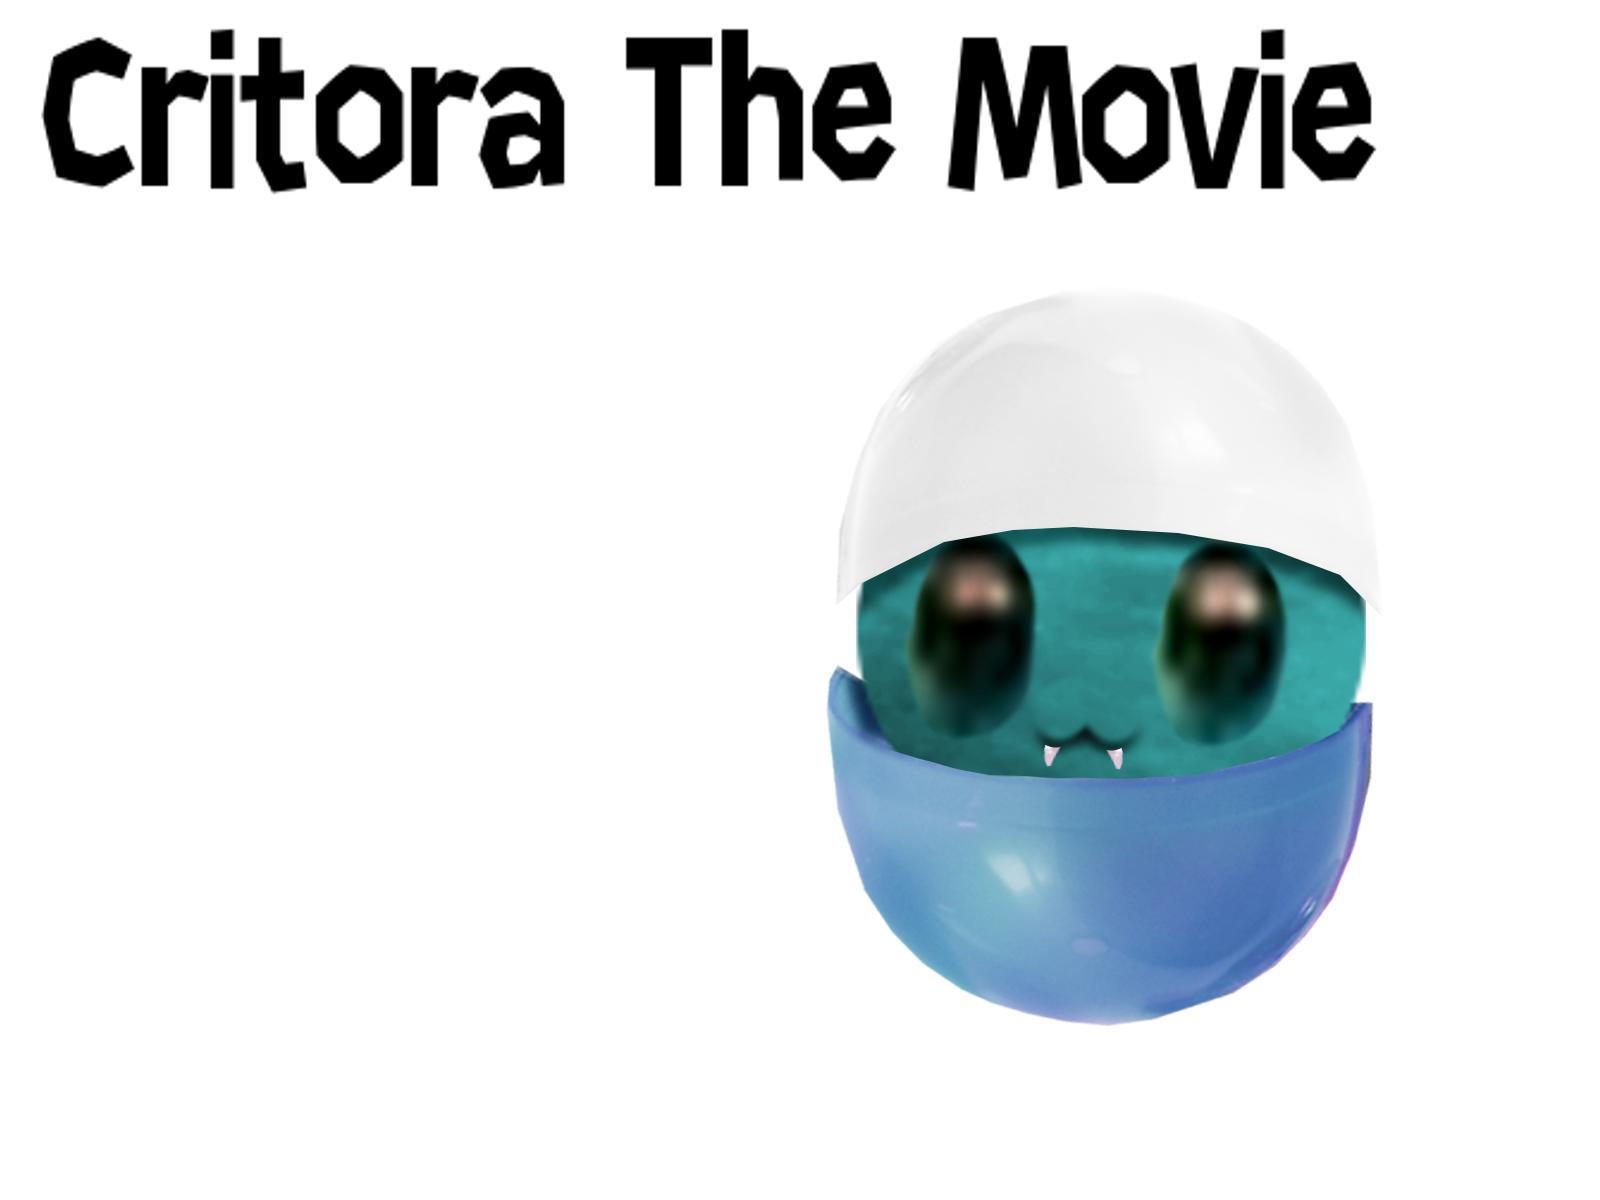 Critora The Movie